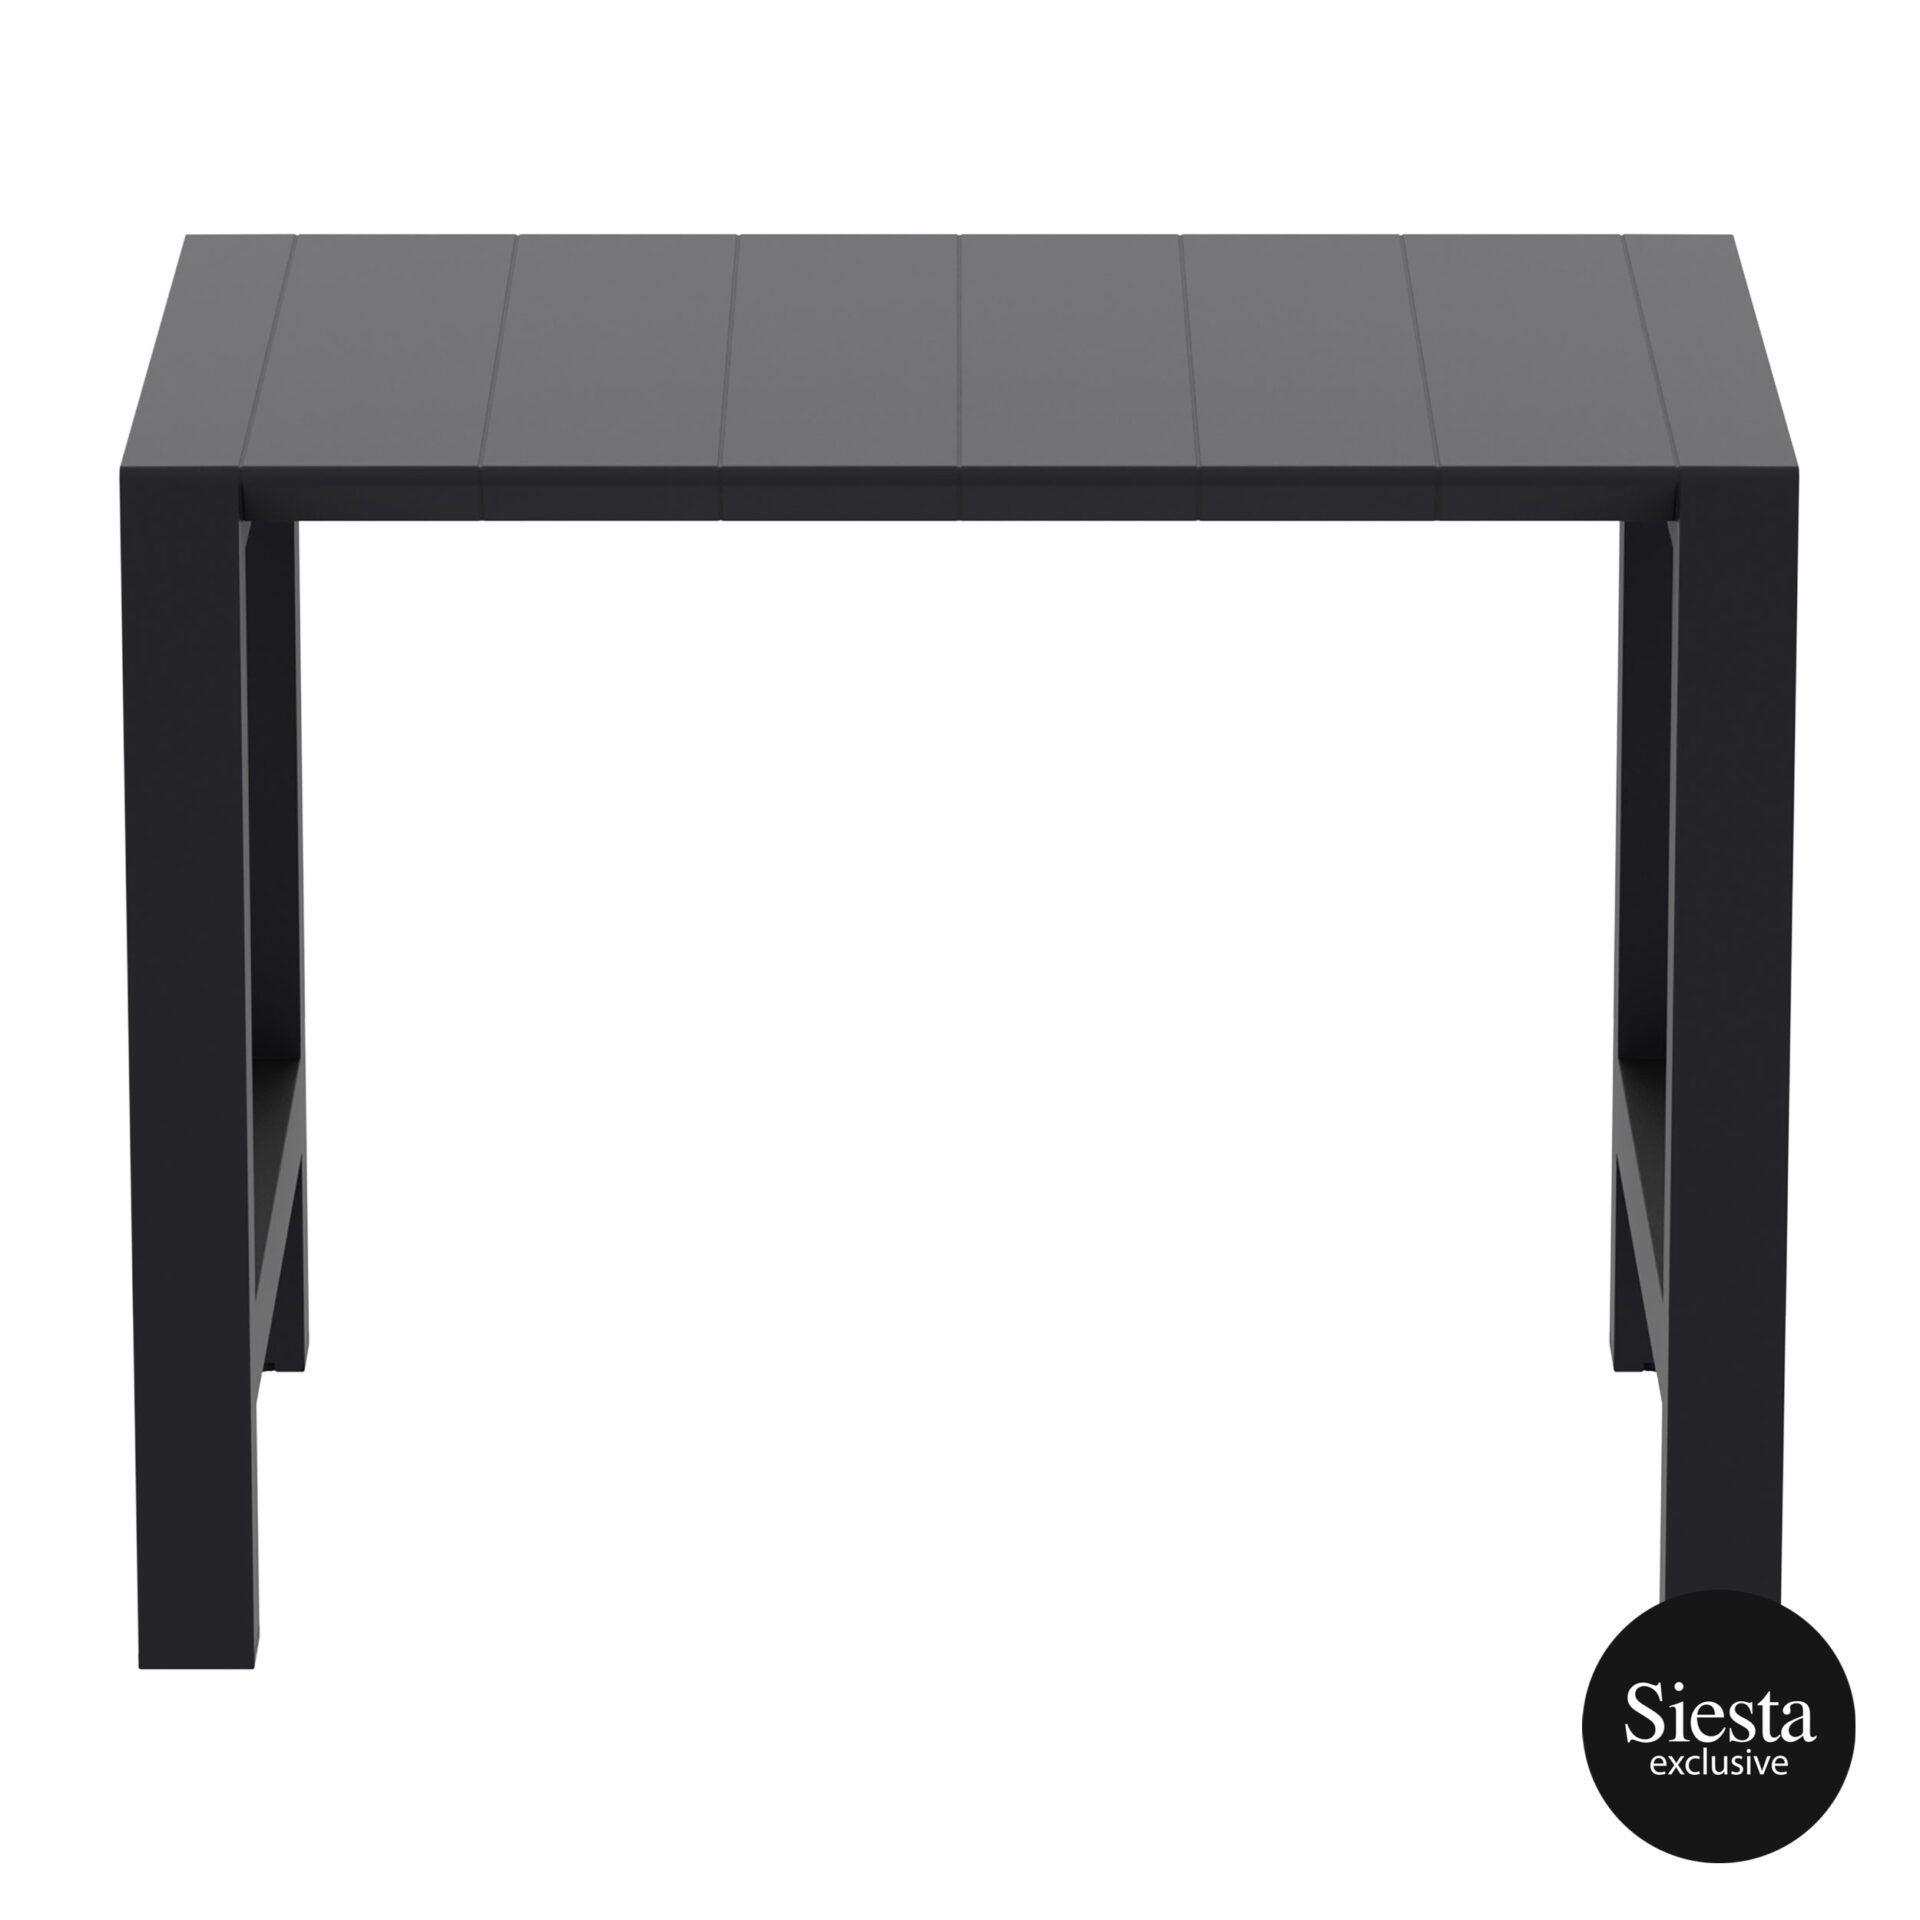 003 vegas bar table 140 black long edge